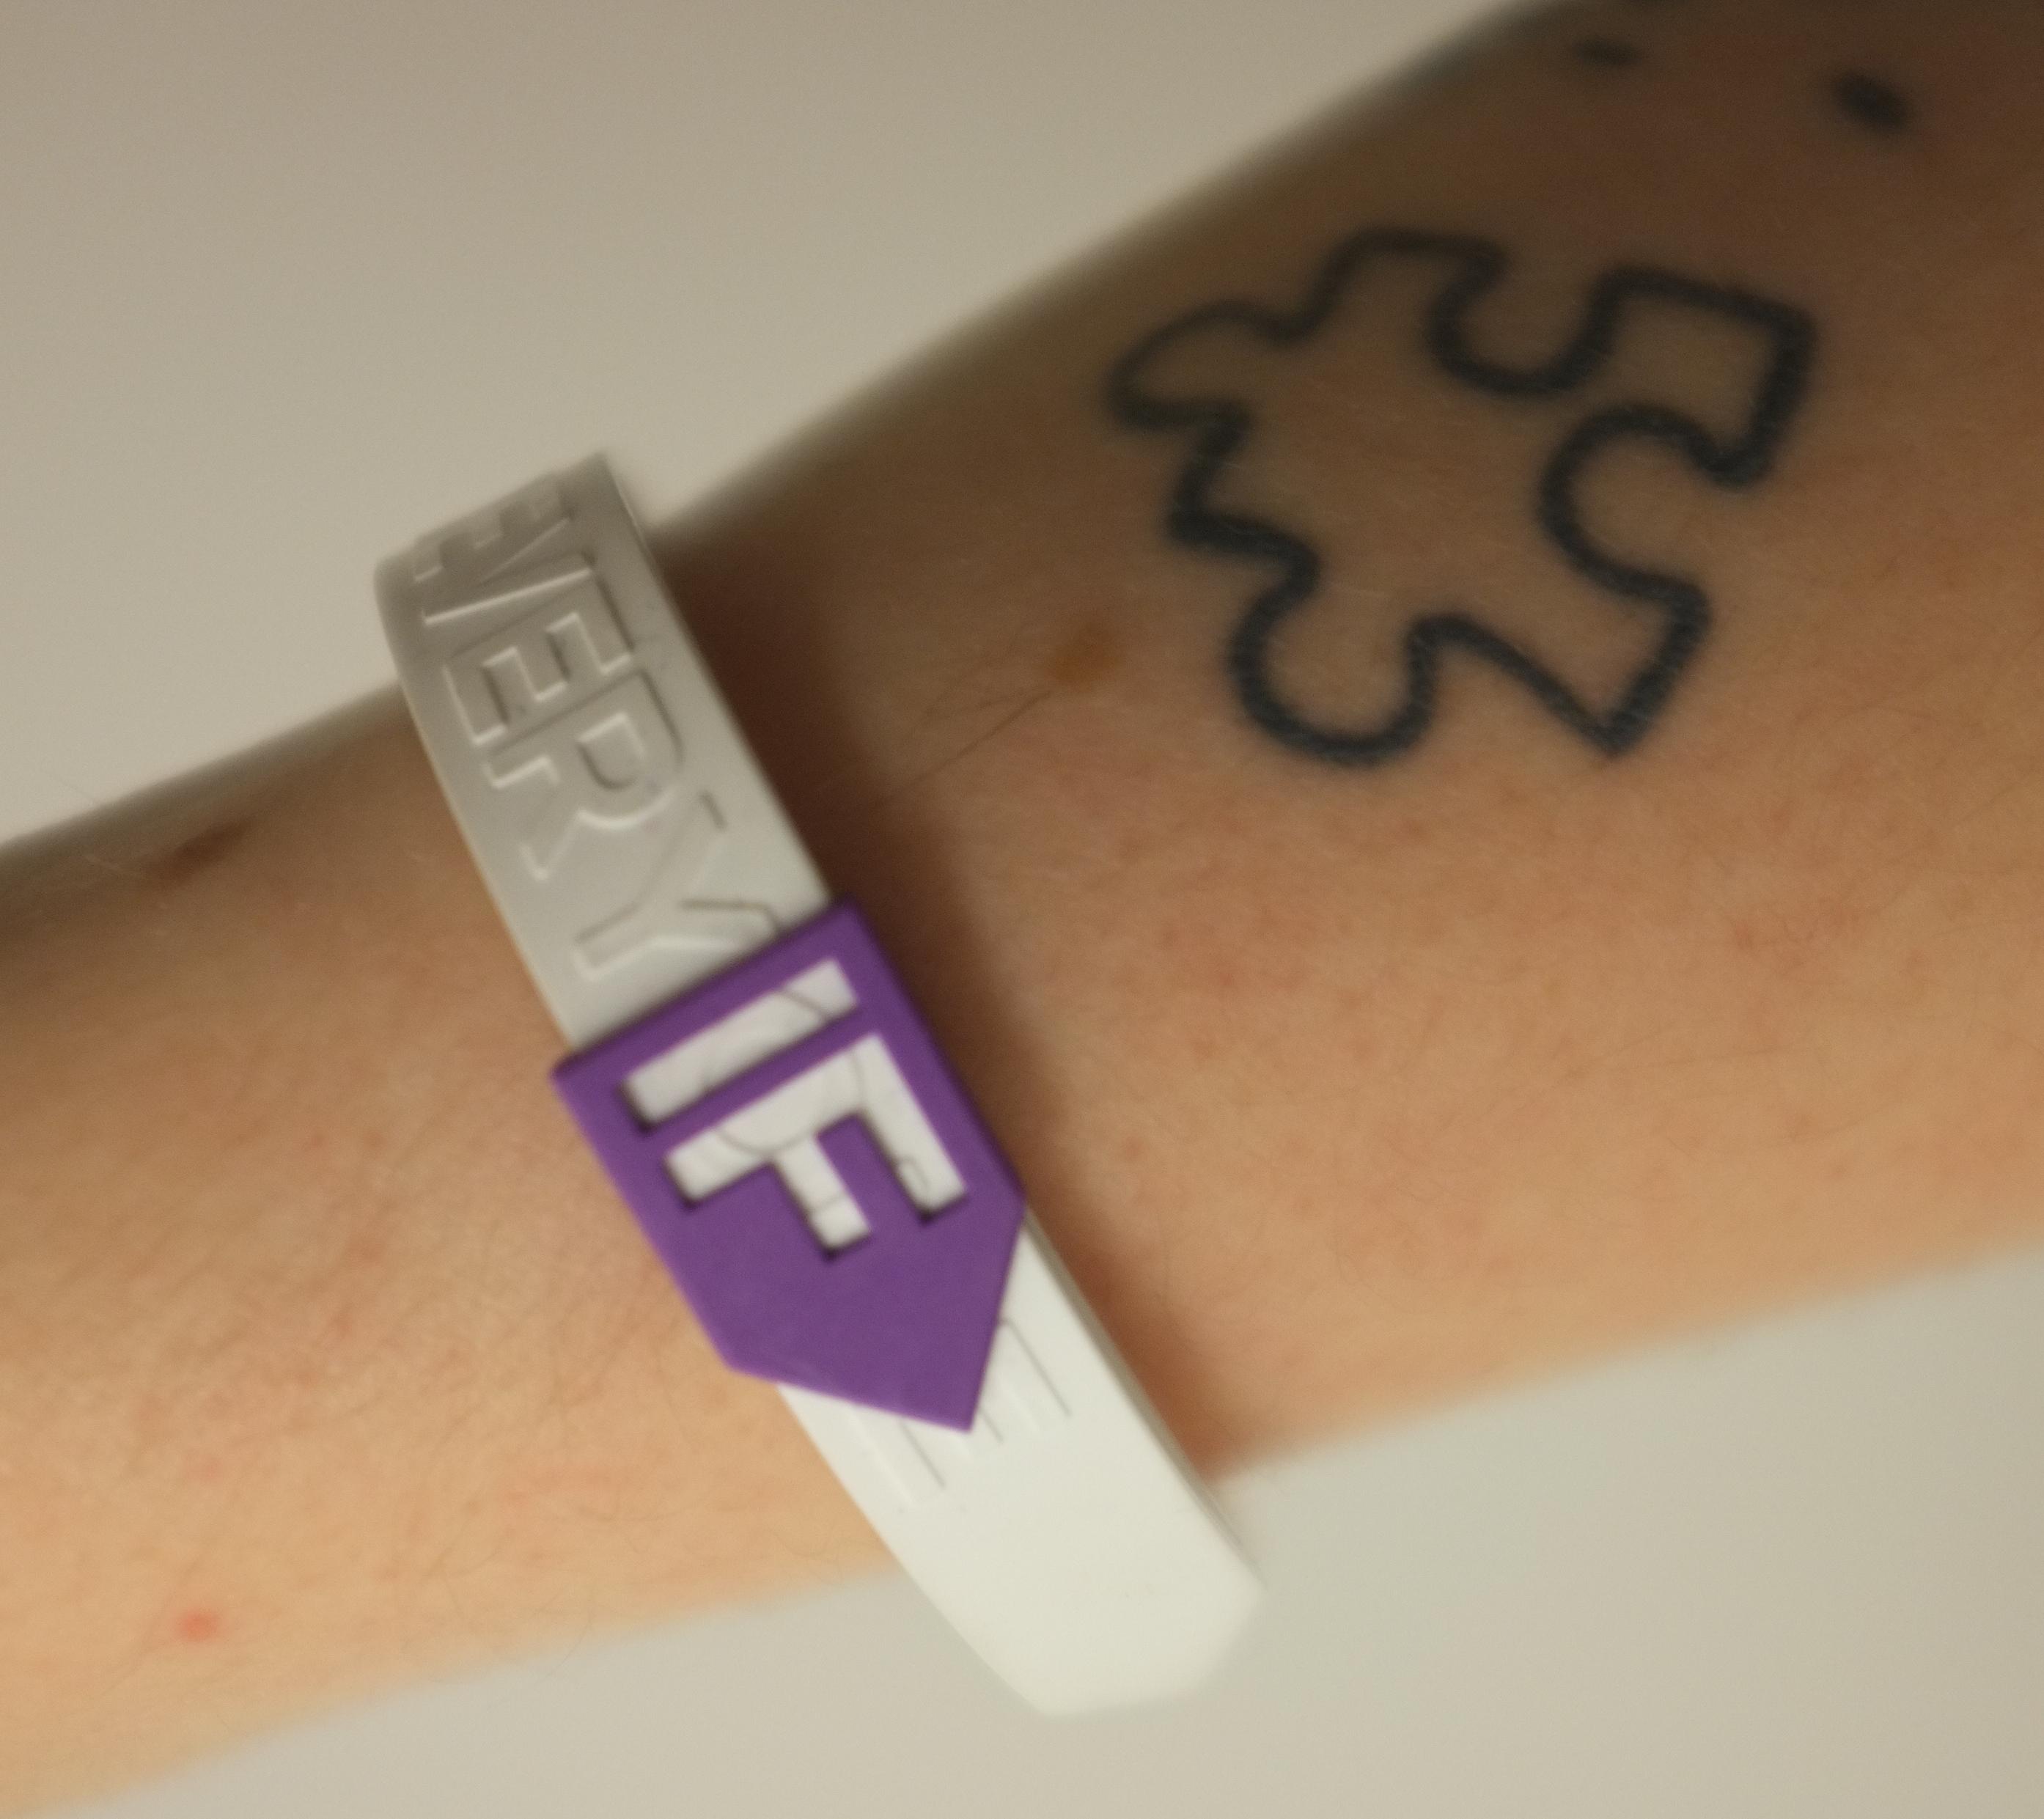 if wristband